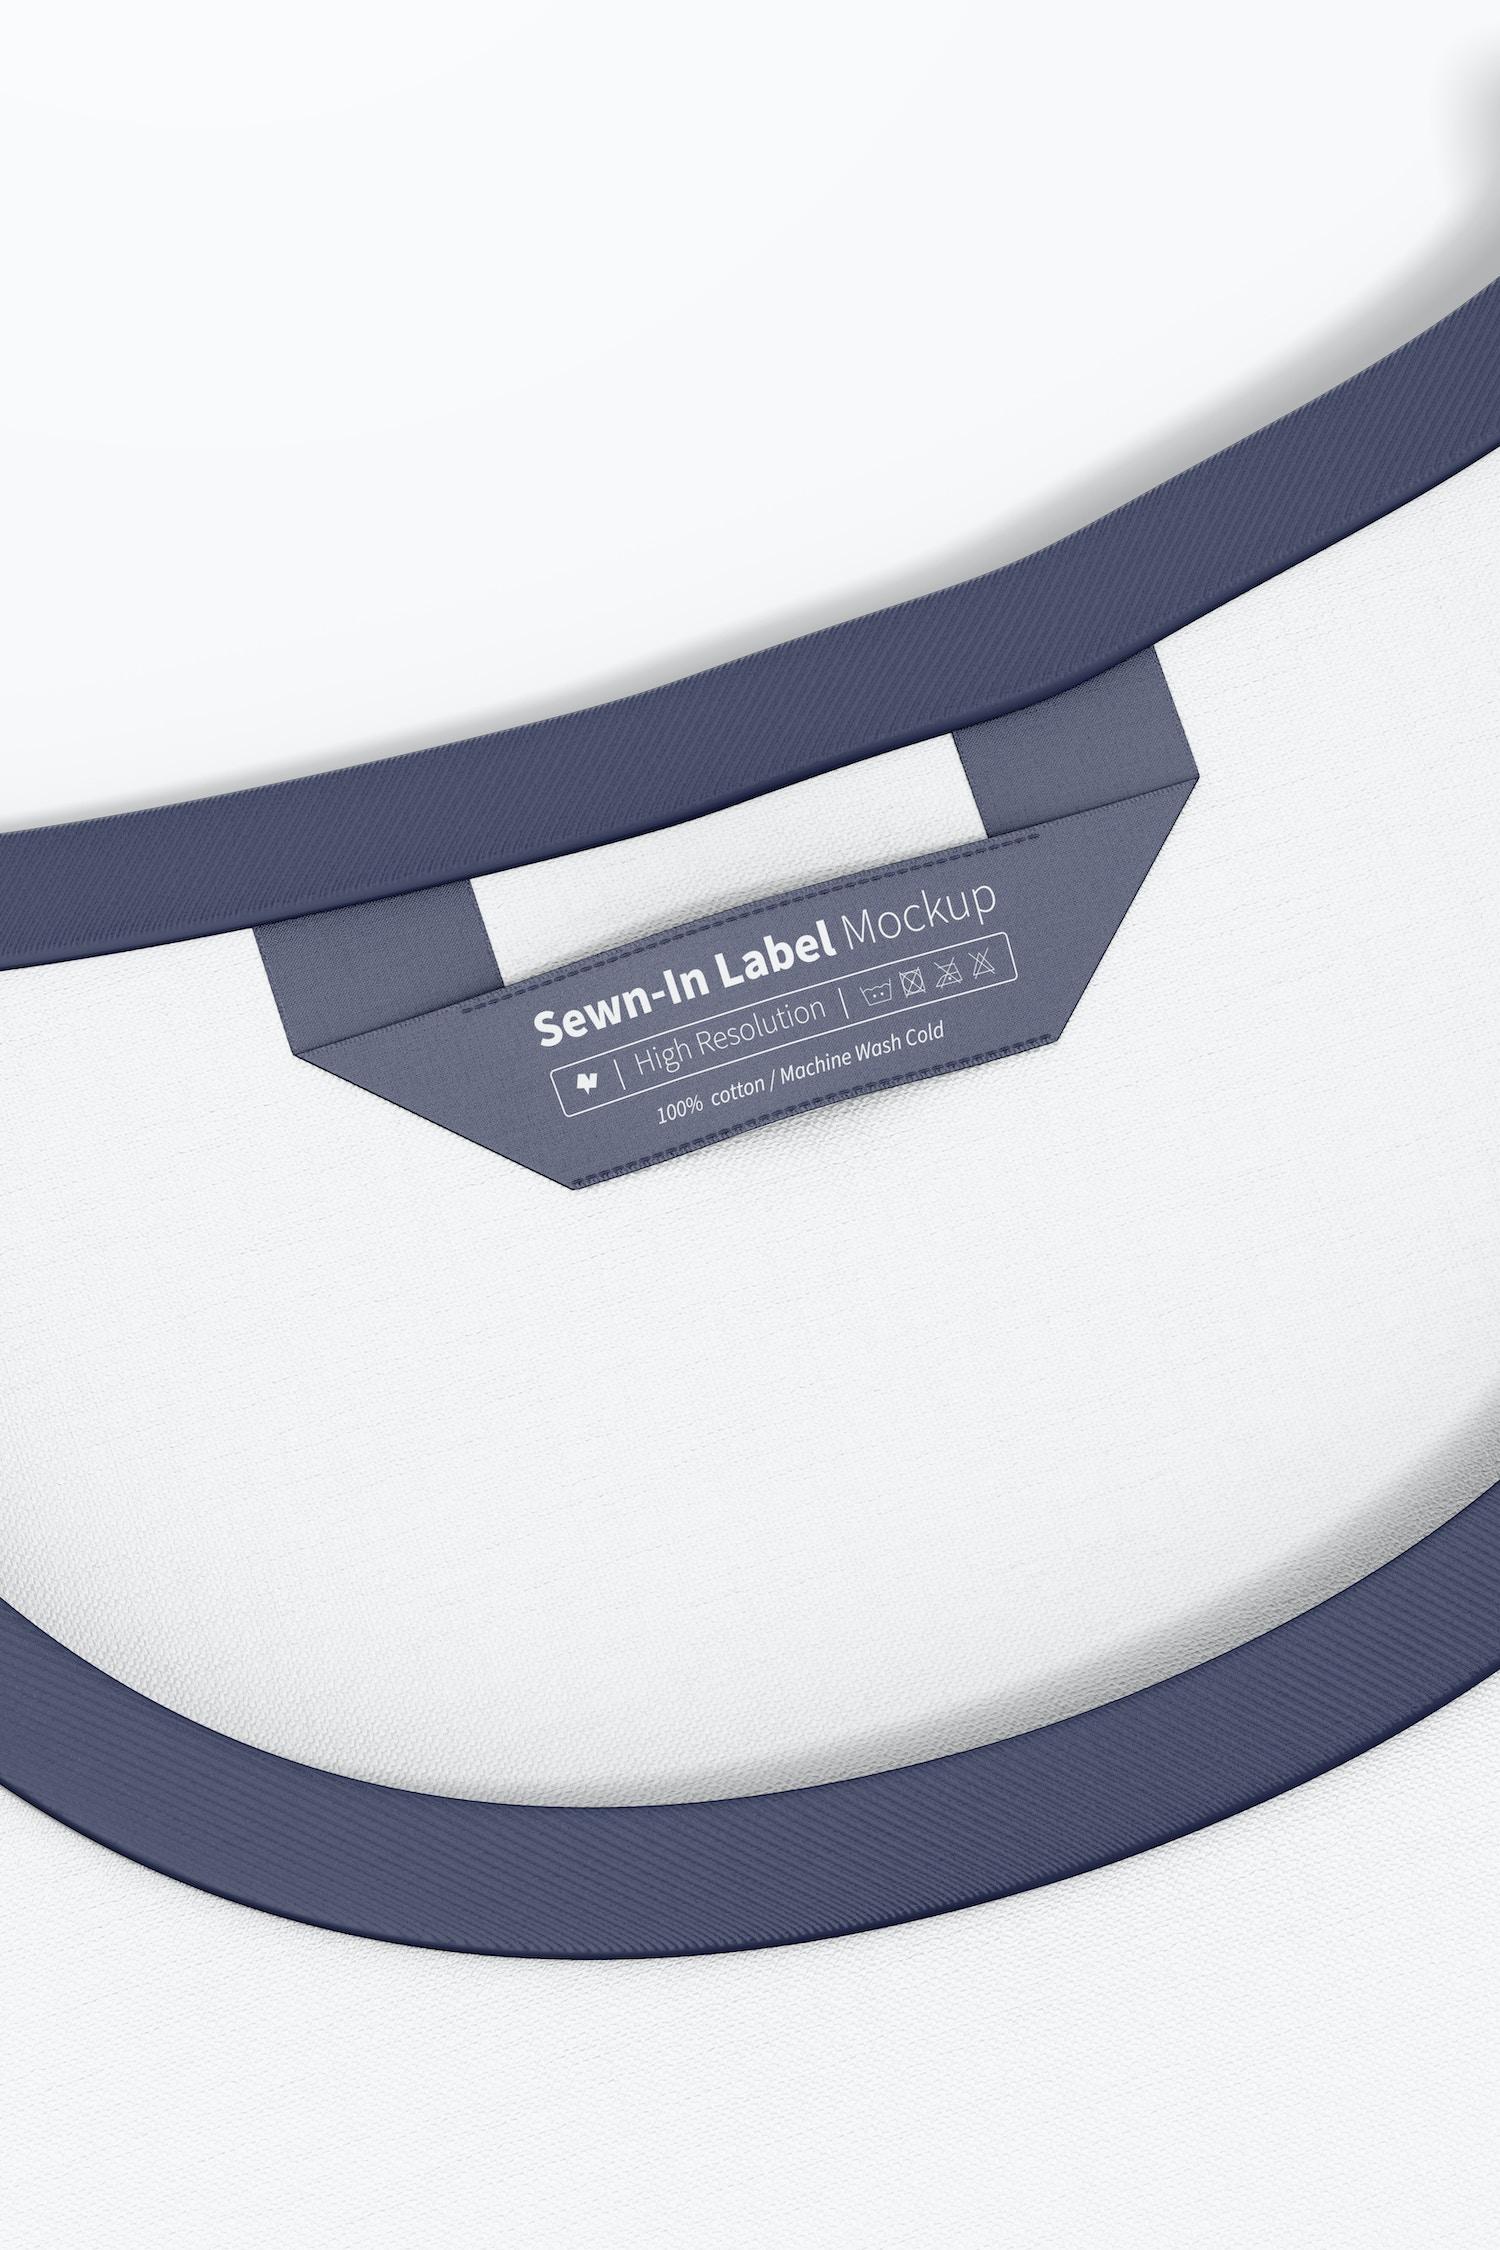 Sewn-In Label Mockup